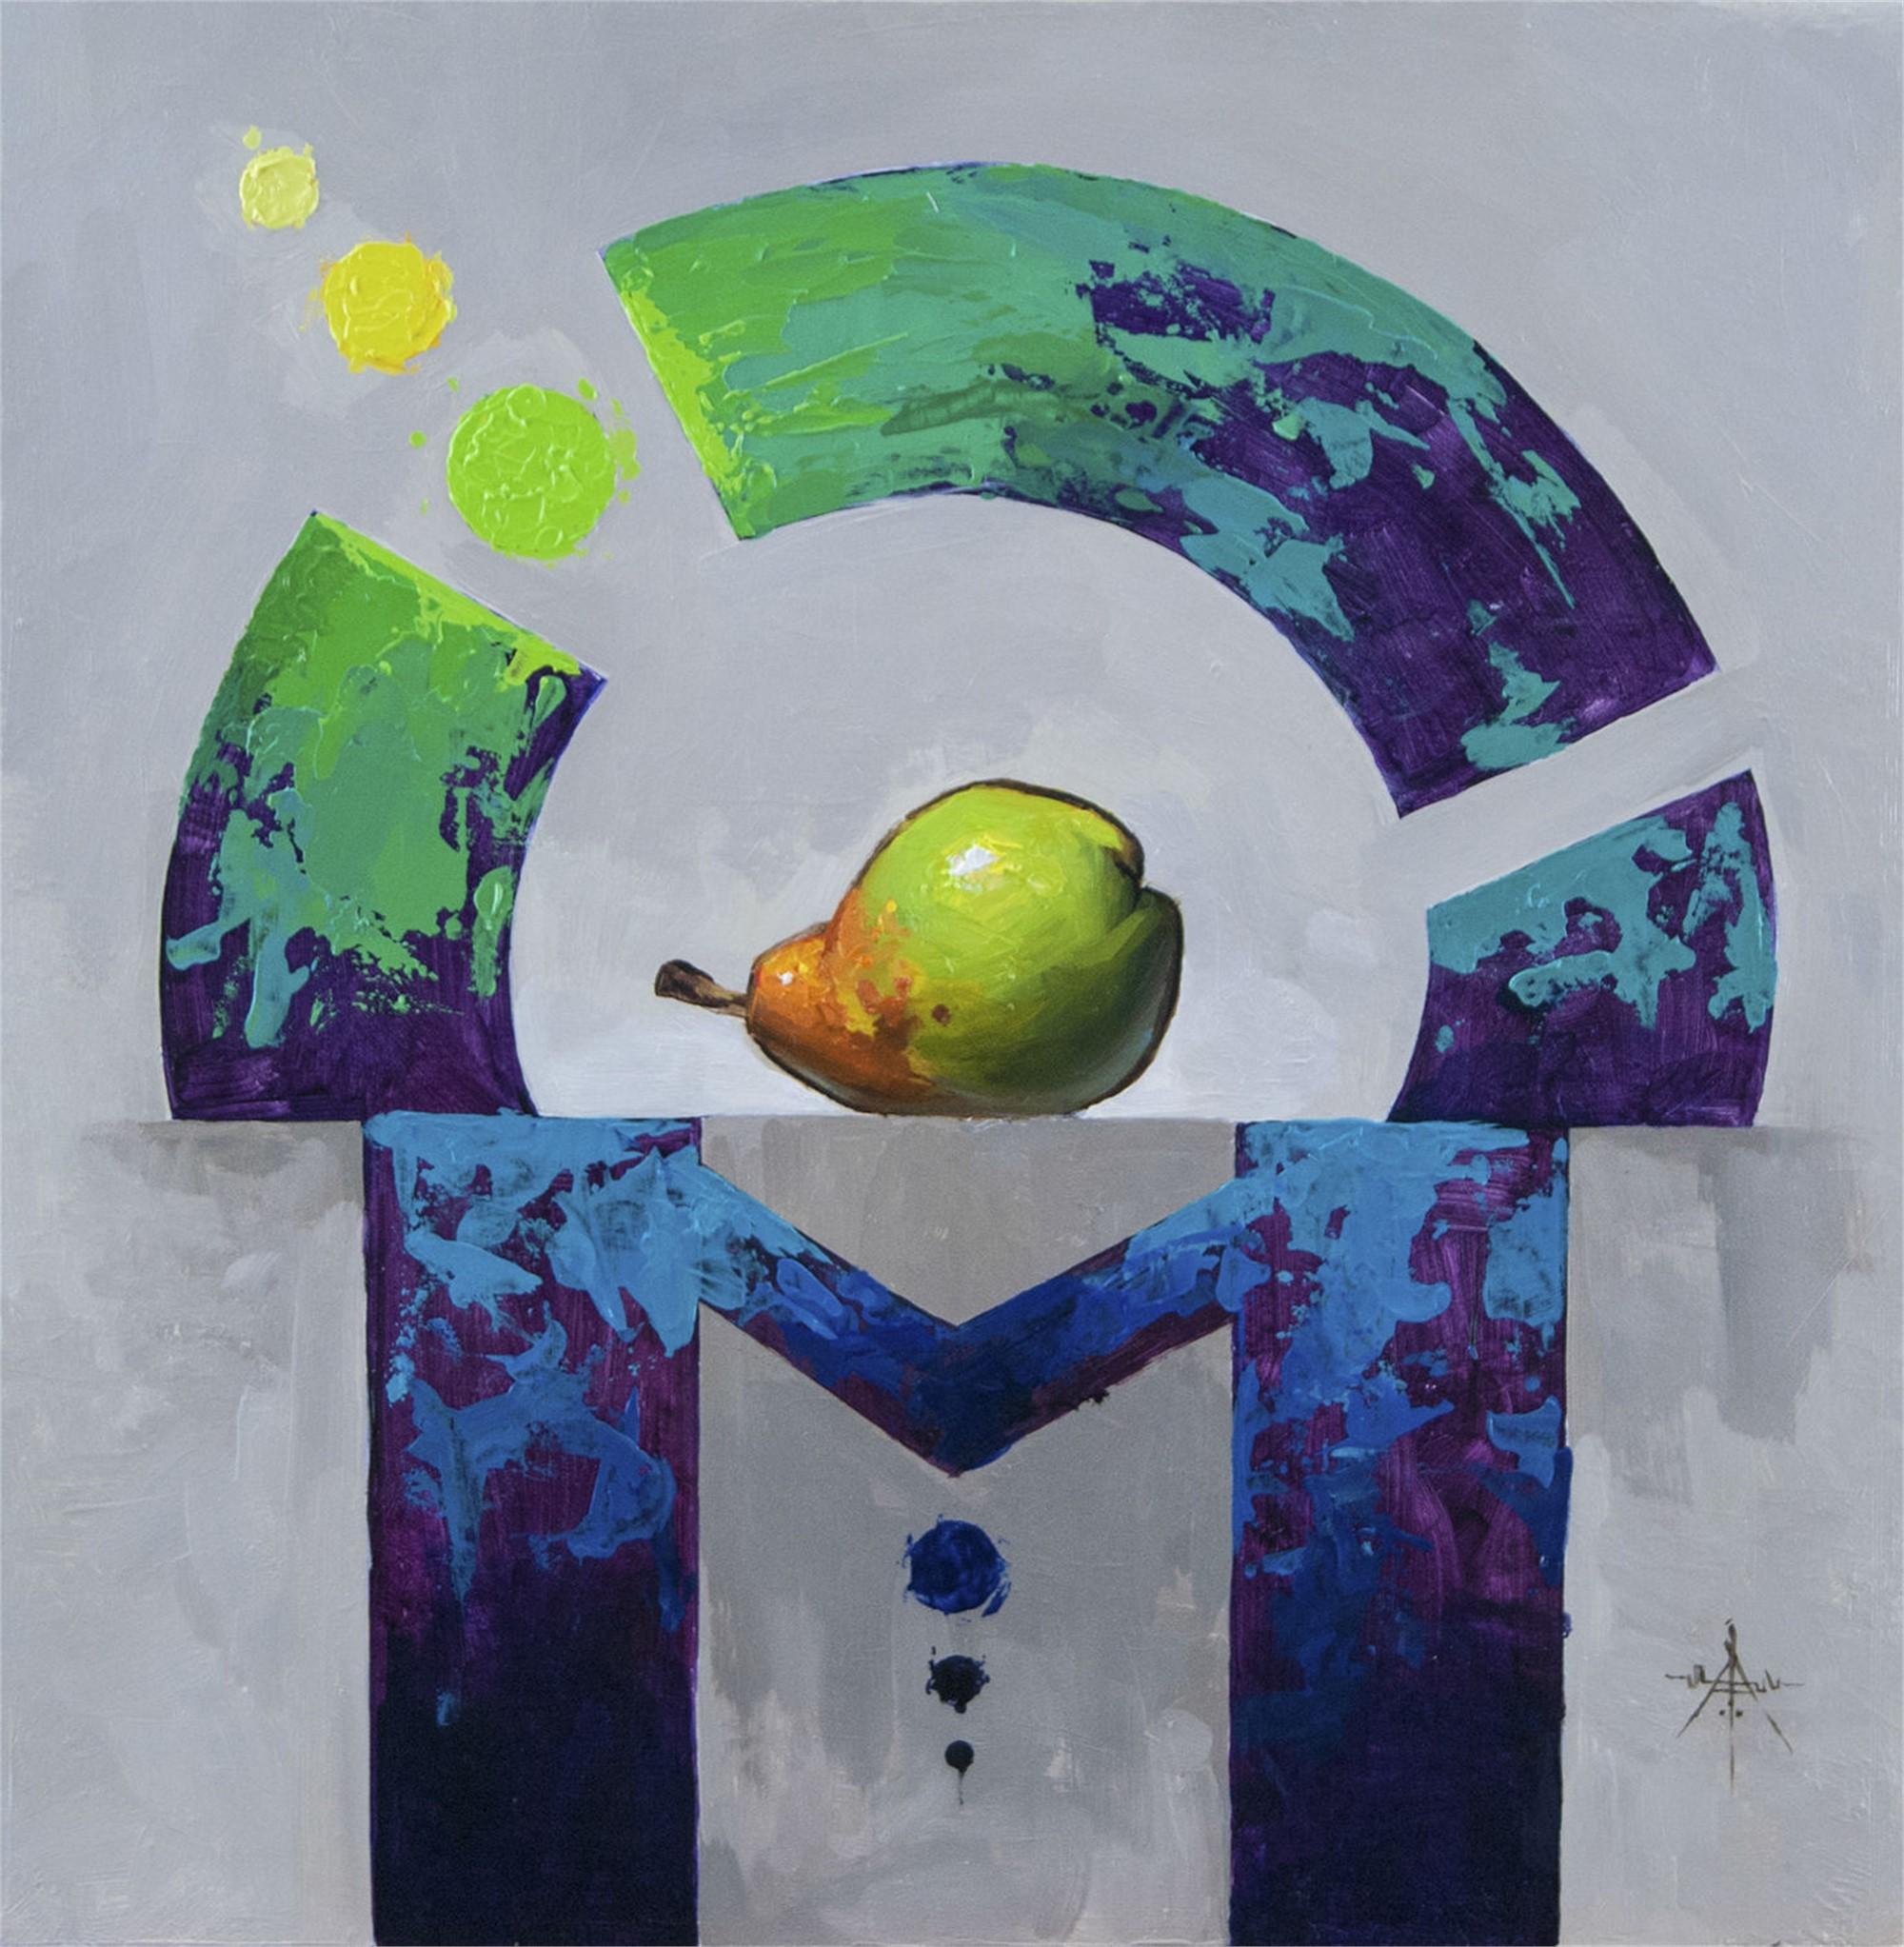 W^velength by Blair Atherholt